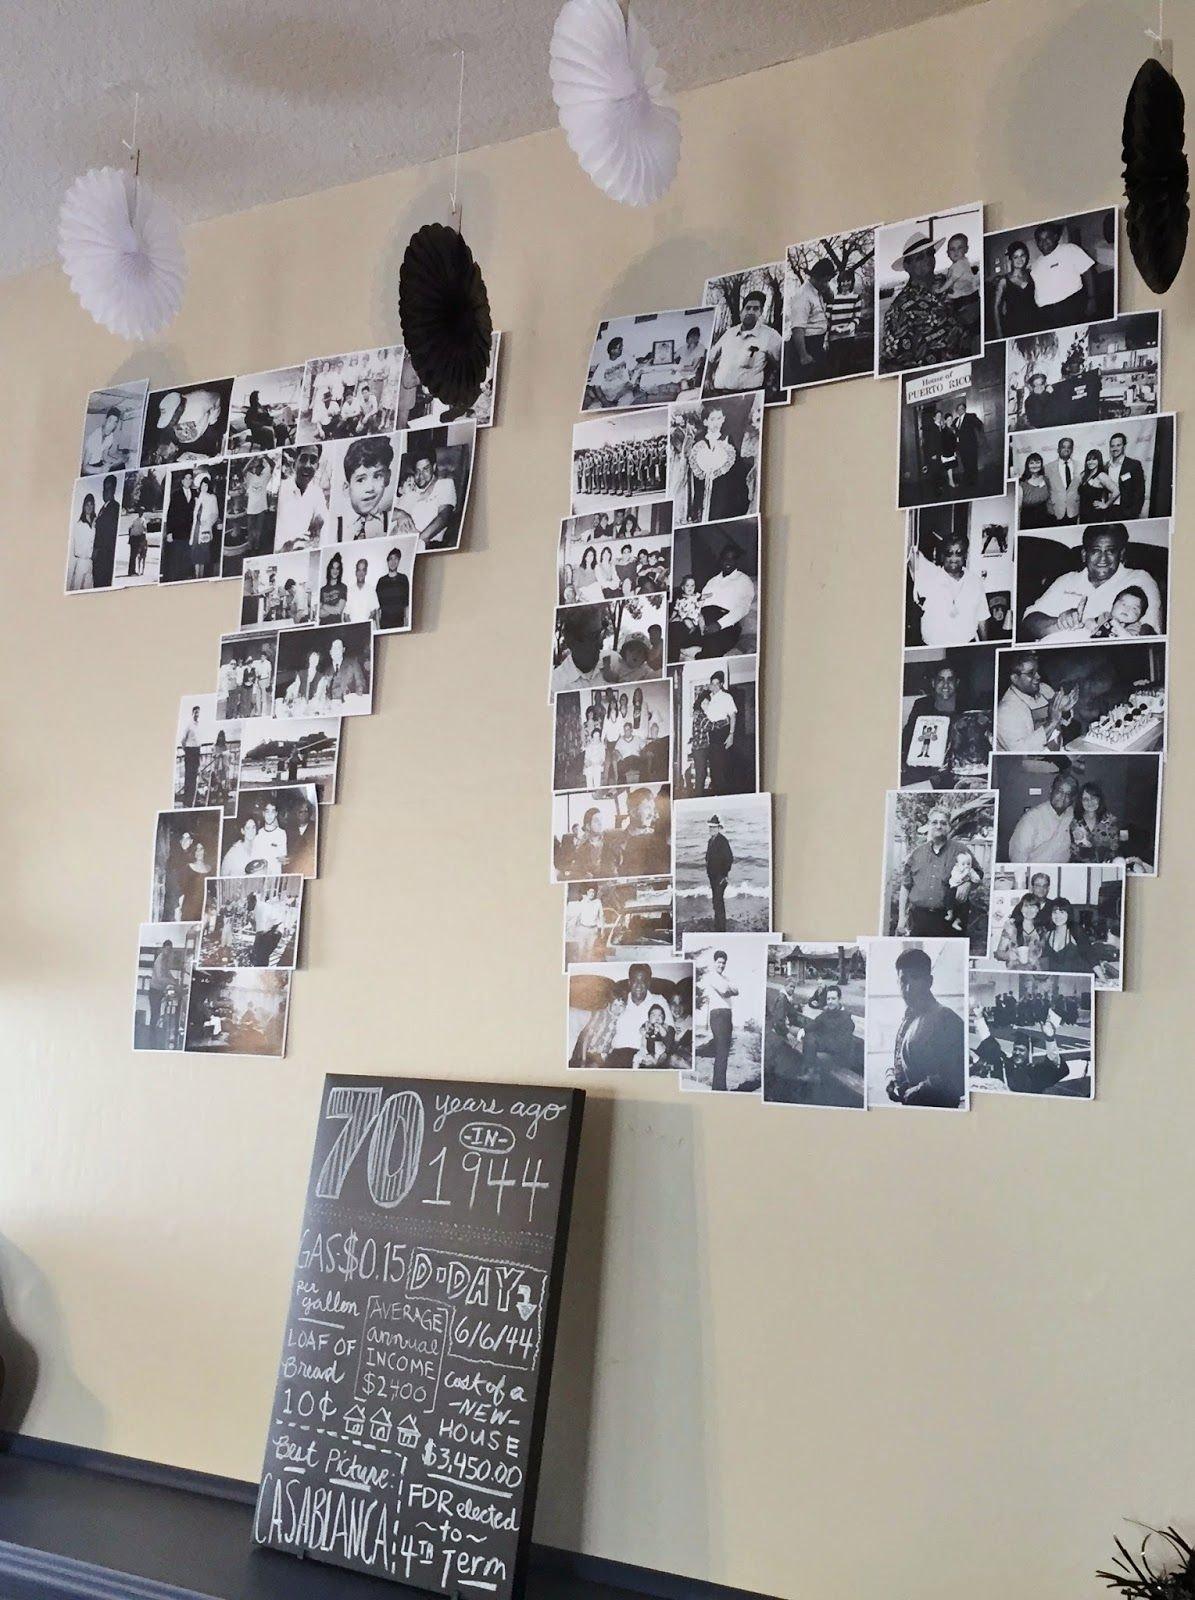 10 Stunning 70 Year Old Birthday Party Ideas milestone birthday planning my dads 70th birthday party big 3 2020